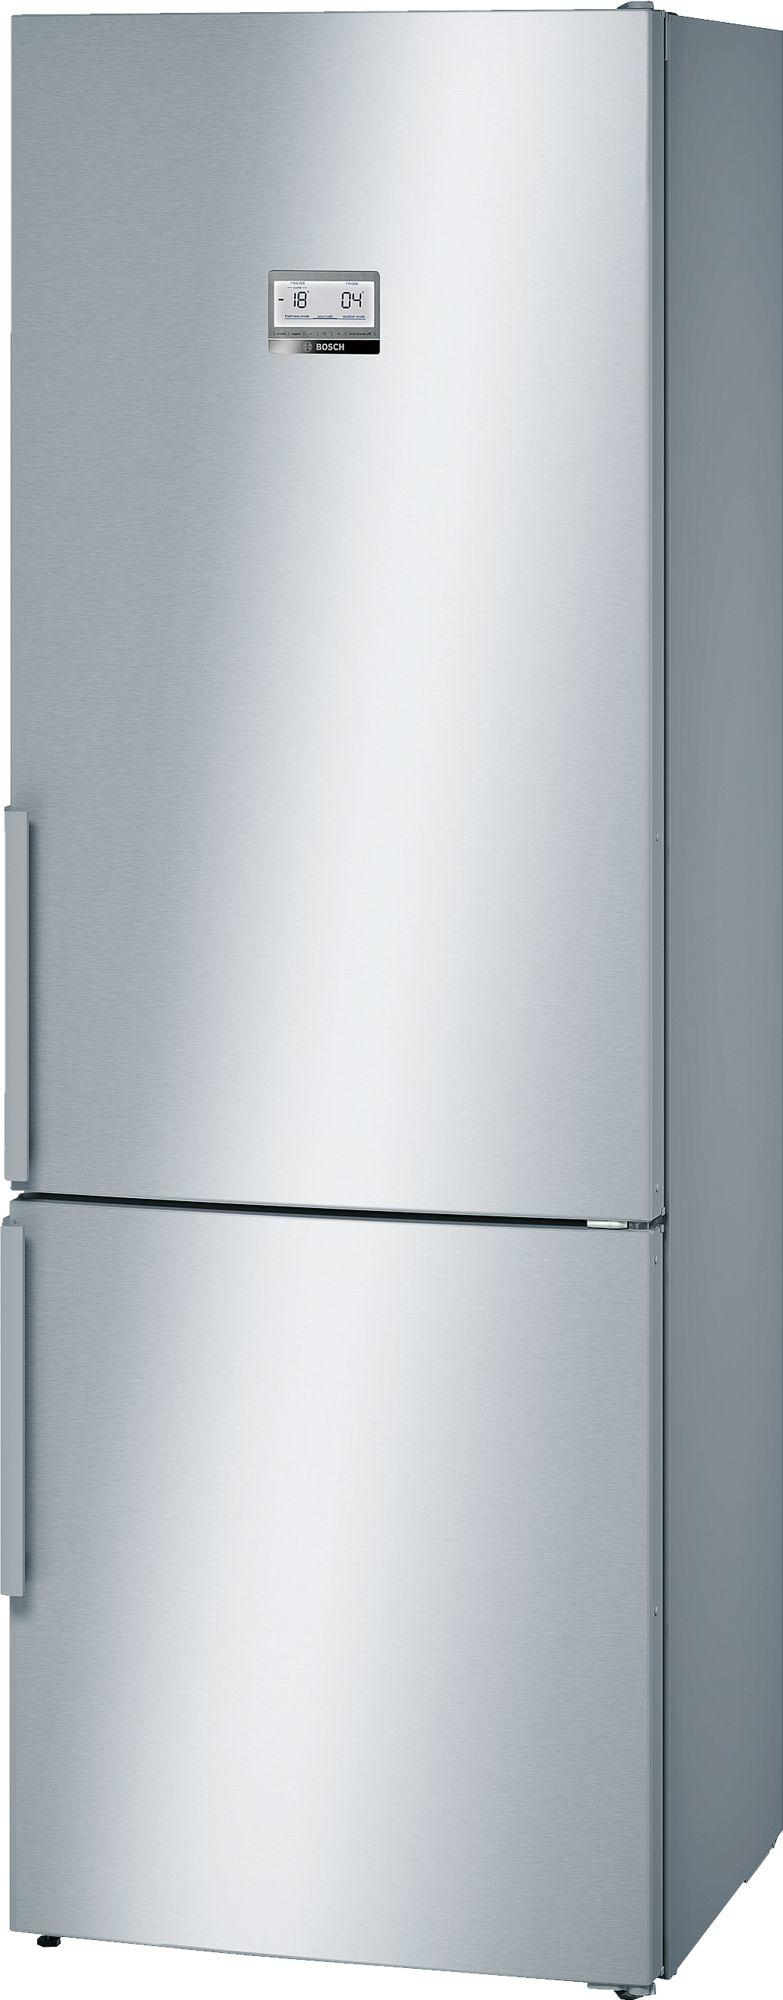 bosch kgn49ai40 a k hl gefrierkombination edelstahl 70 cm breit nofrost von bosch. Black Bedroom Furniture Sets. Home Design Ideas